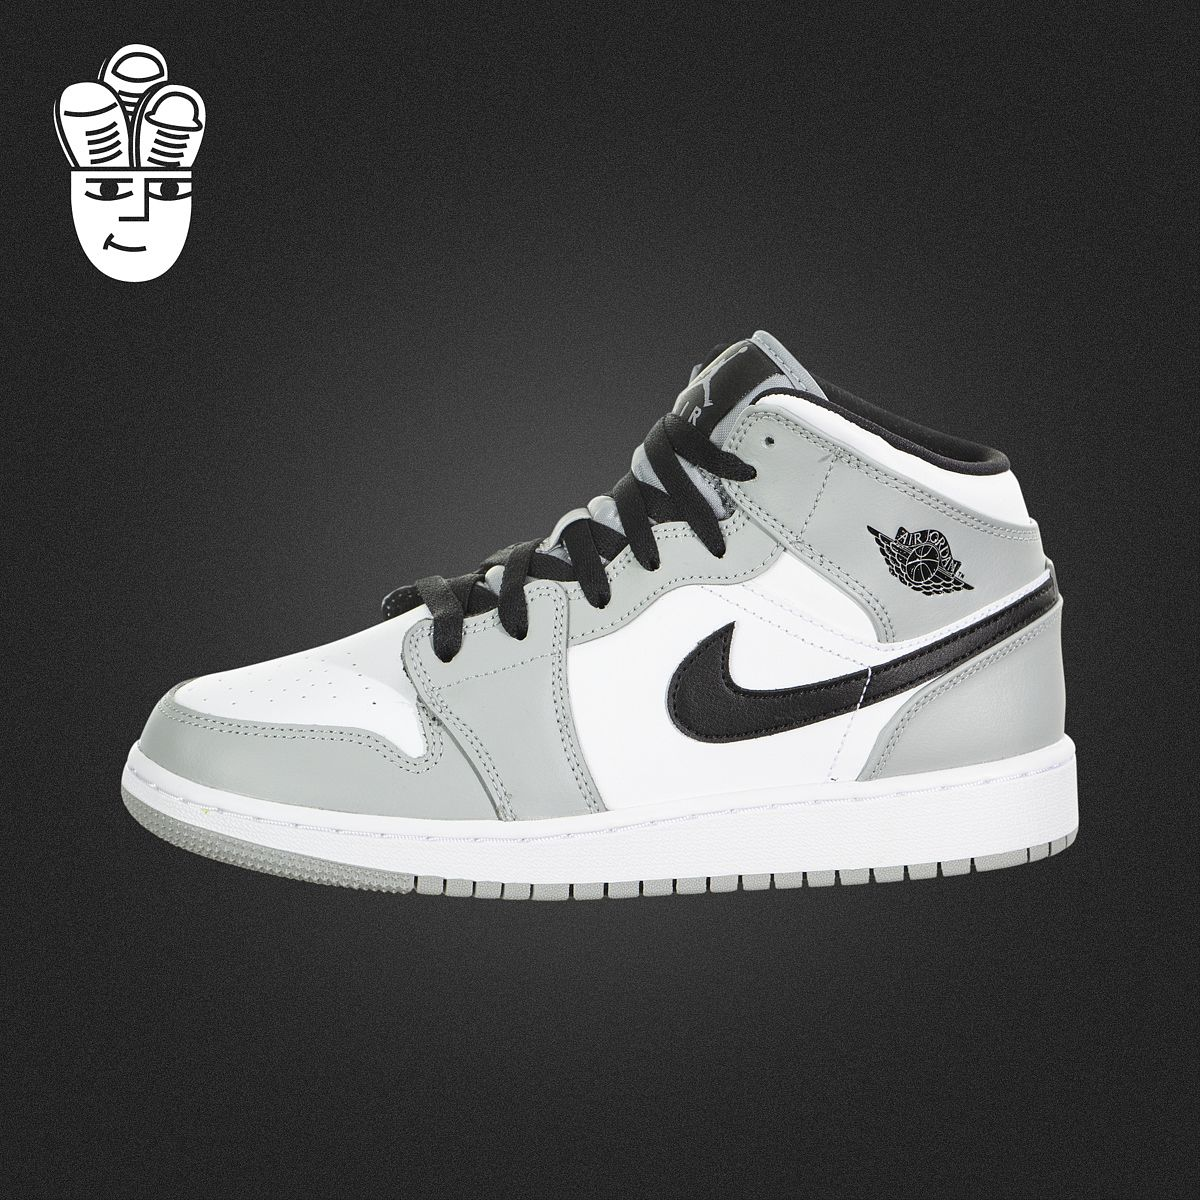 Air Jordan 1 Mid AJ乔1男鞋女鞋GS 中帮休闲板鞋 复古运动鞋图片